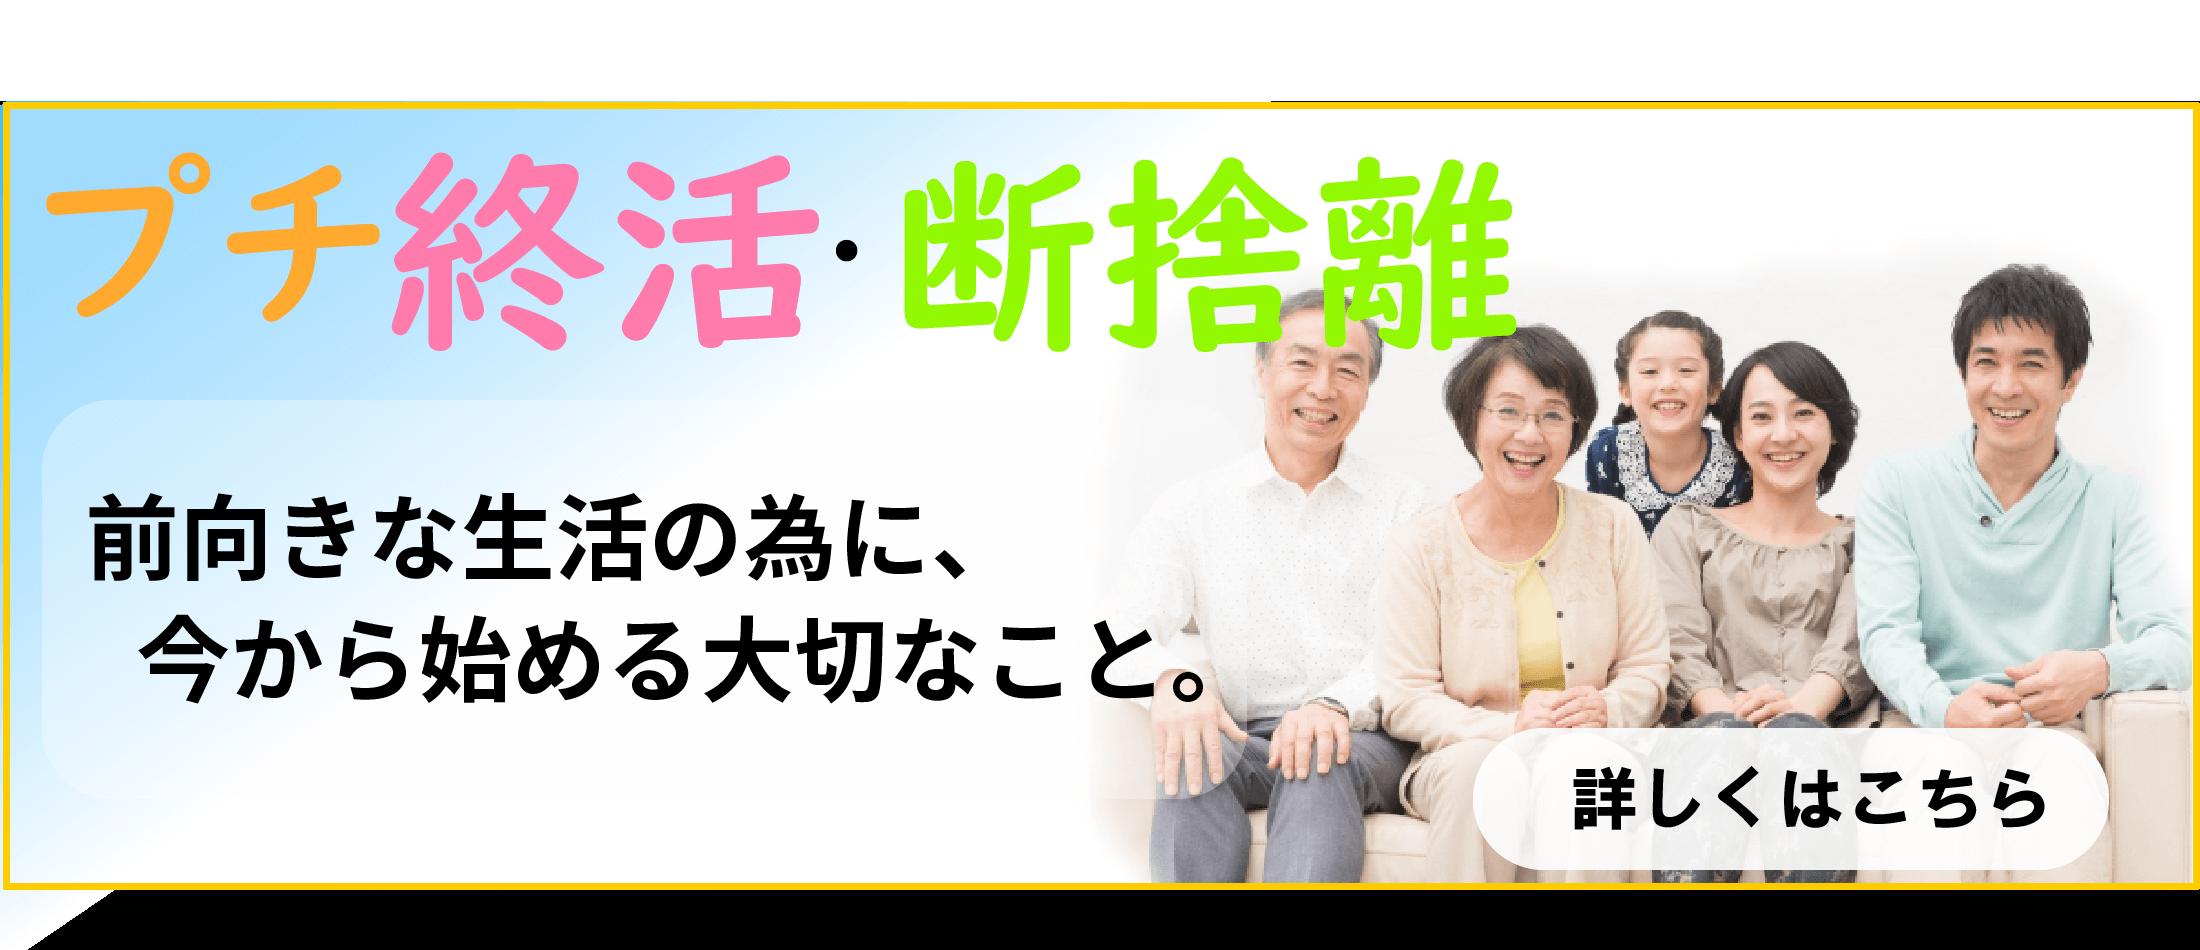 株式会社ビルメンプチ終活断捨離